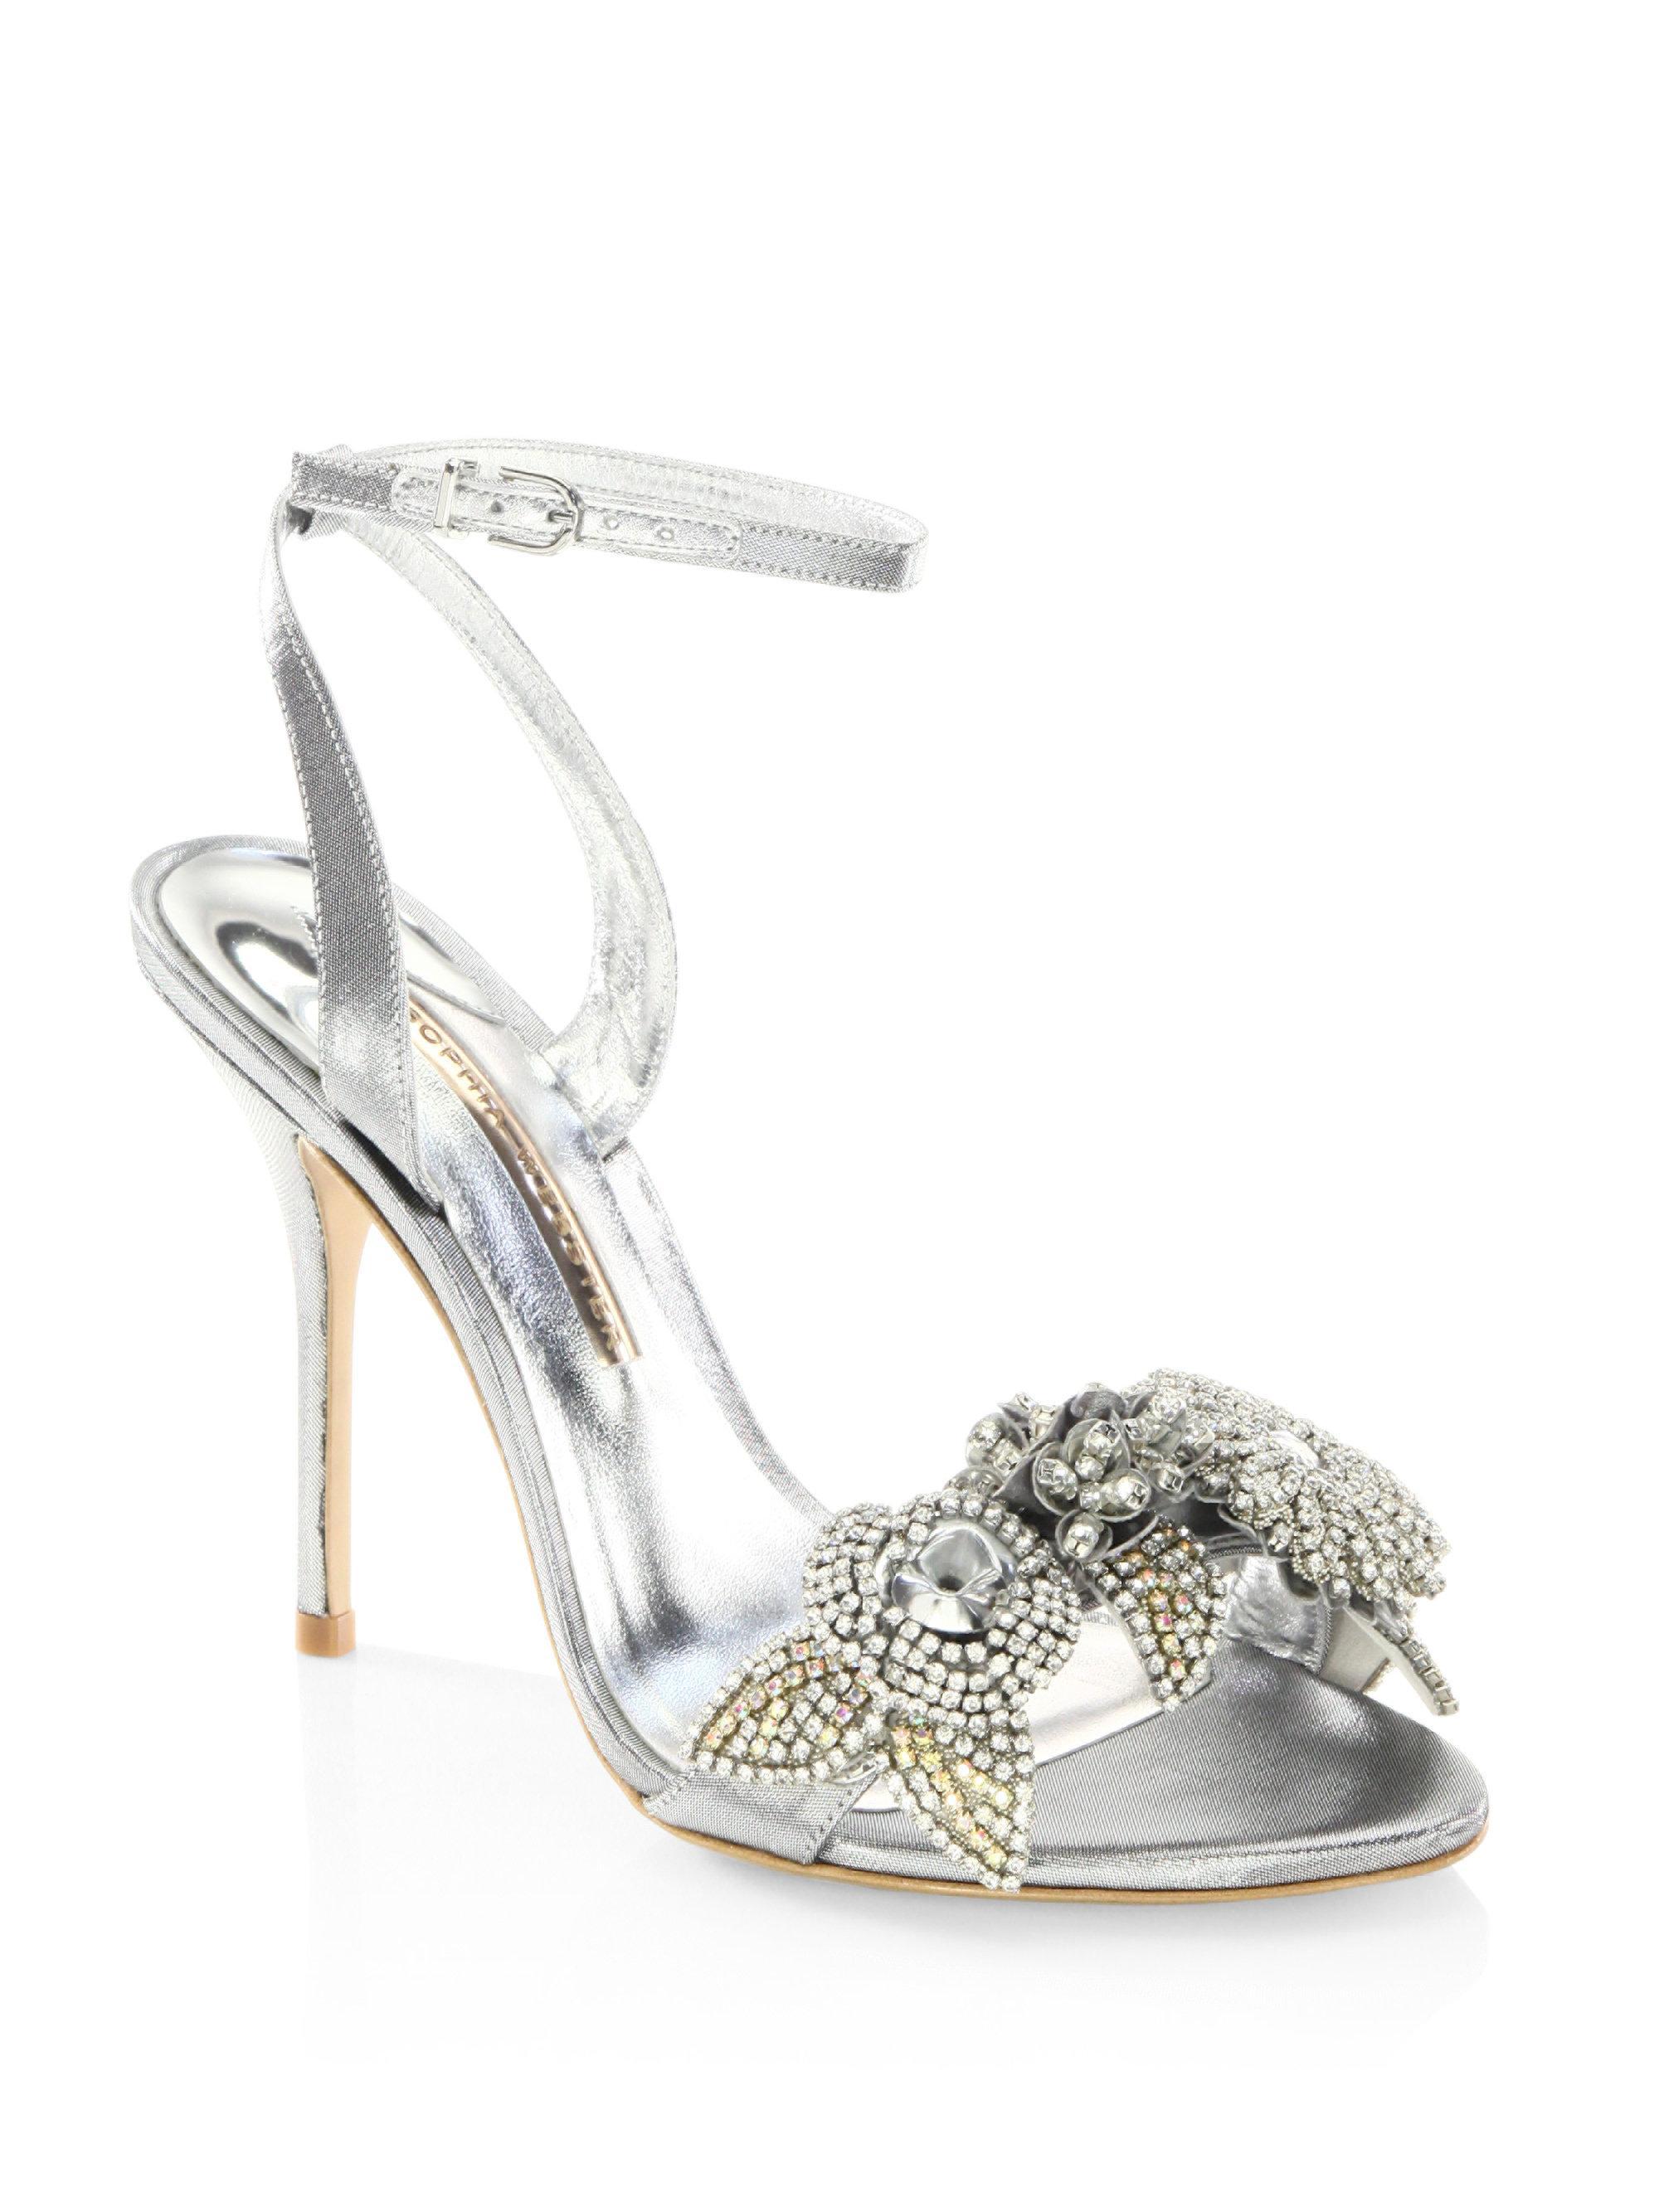 b70af6628a0 Sophia Webster Lilico Crystal-embellished Metallic Ankle-strap Sandals